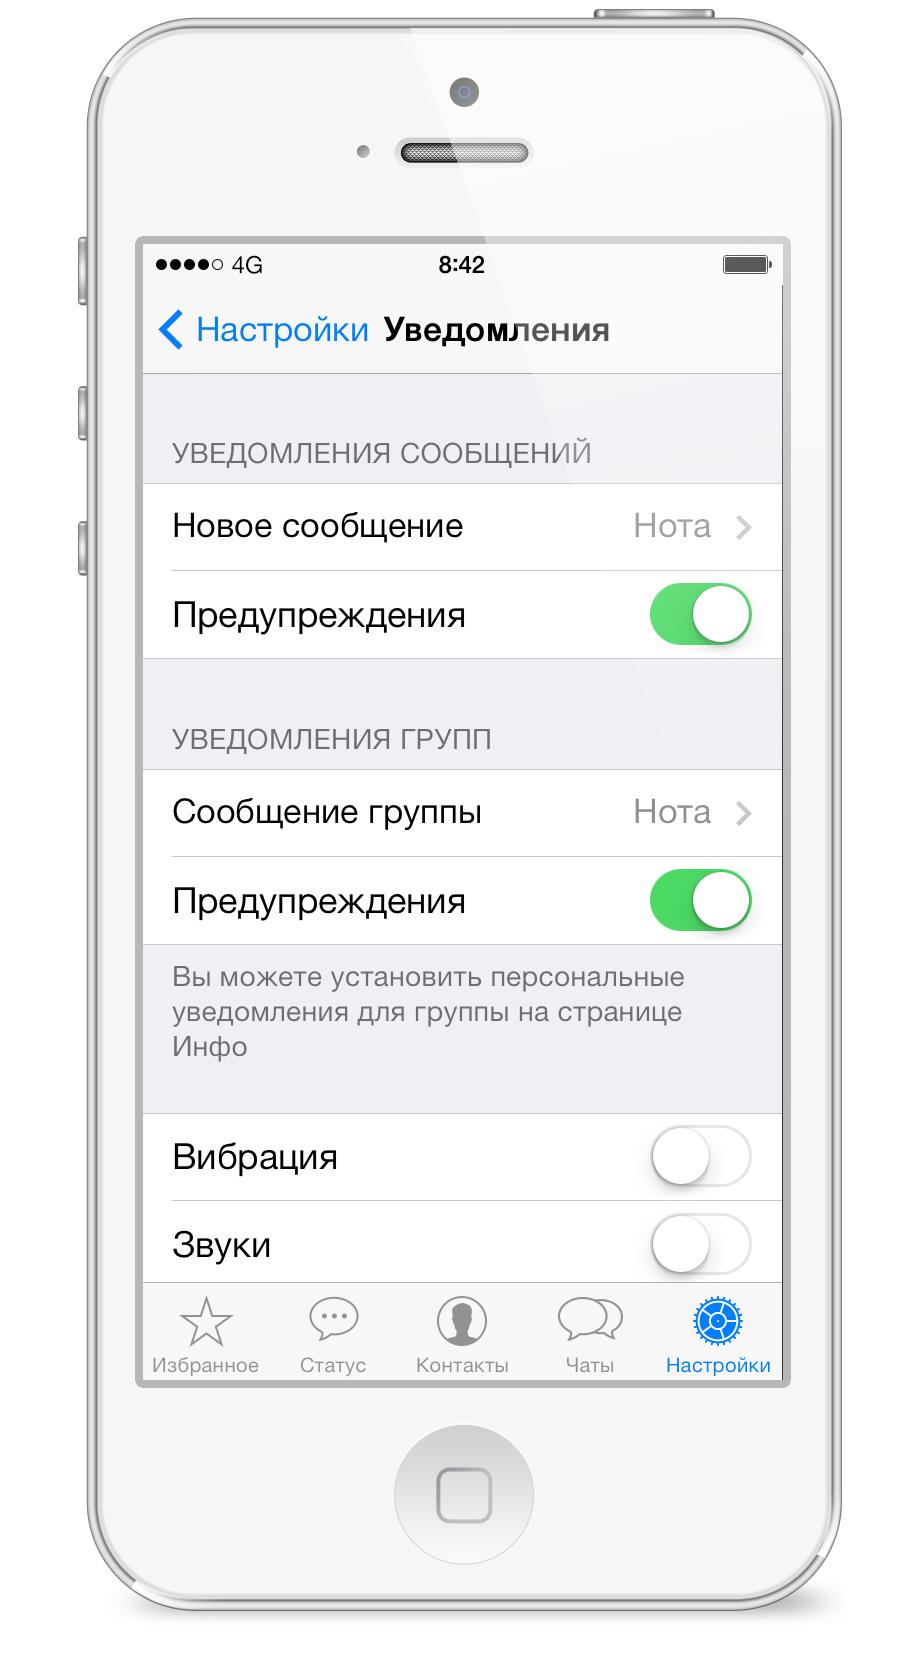 Как на айфоне сделать большое при звонке